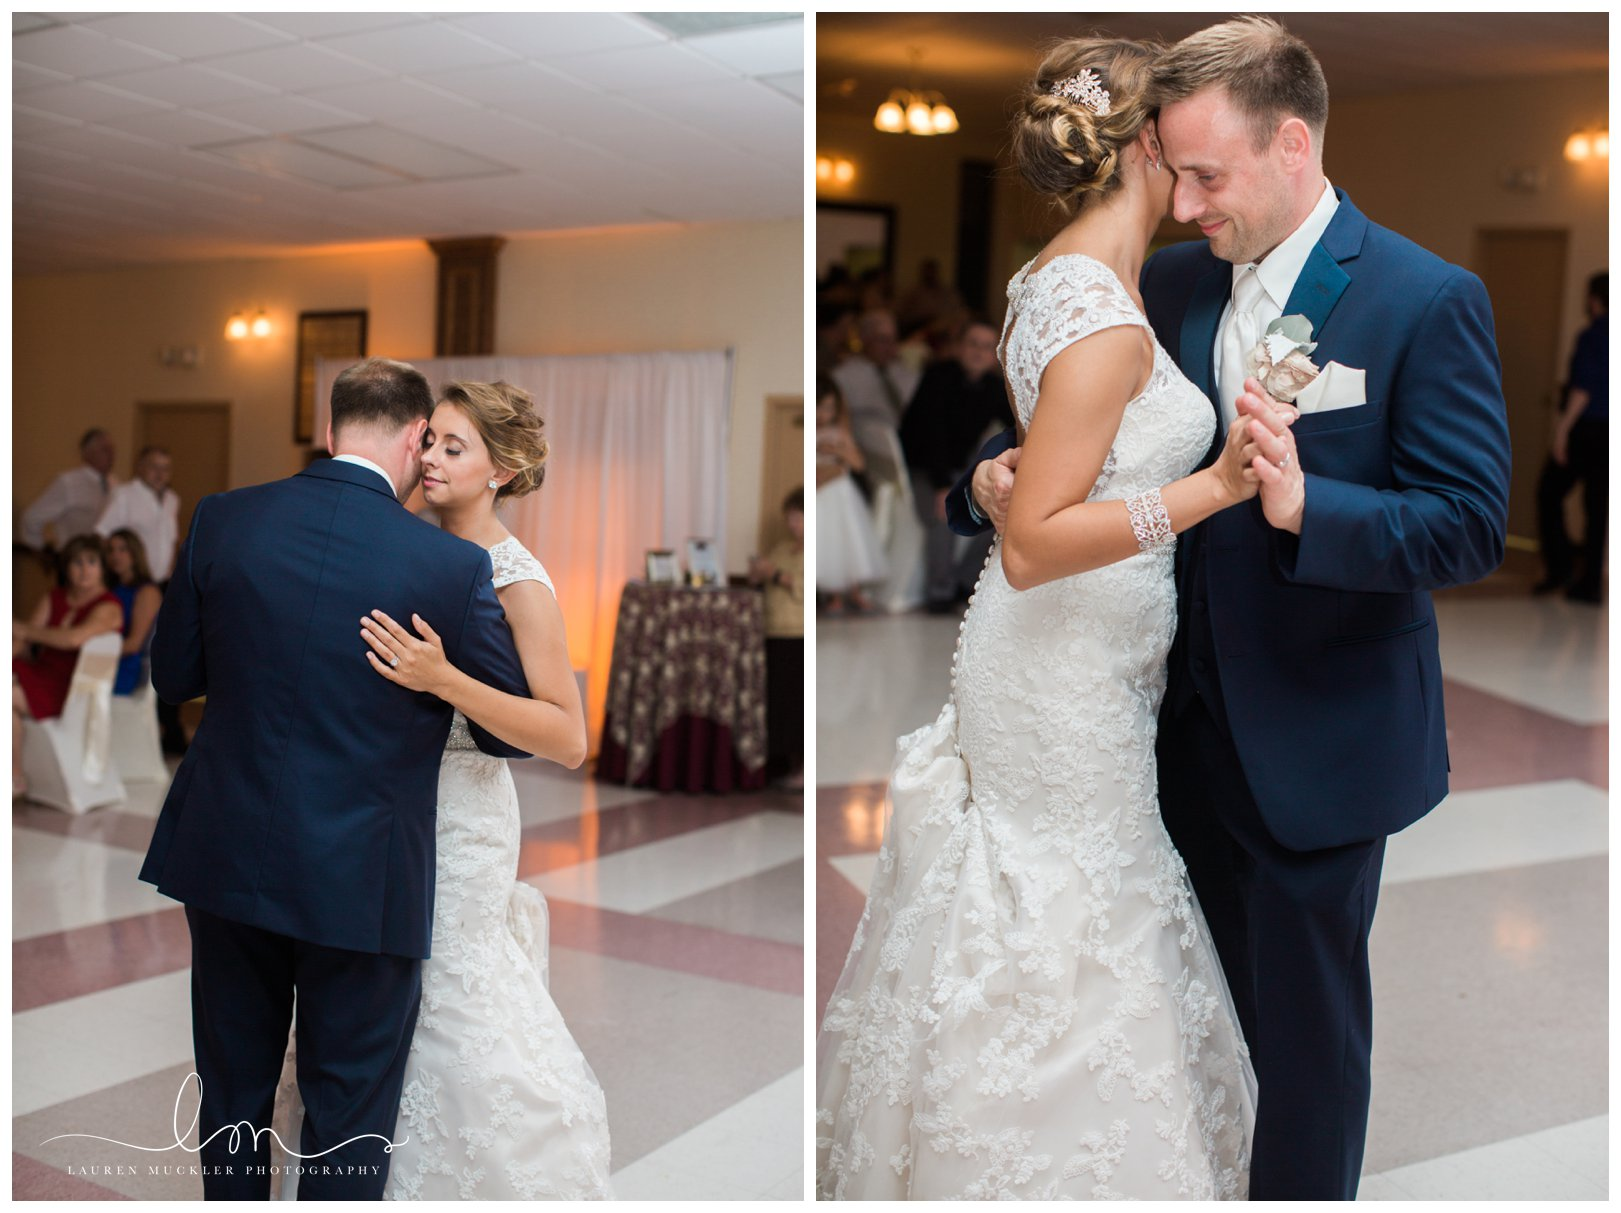 lauren muckler photography_fine art film wedding photography_st louis_photography_0500.jpg